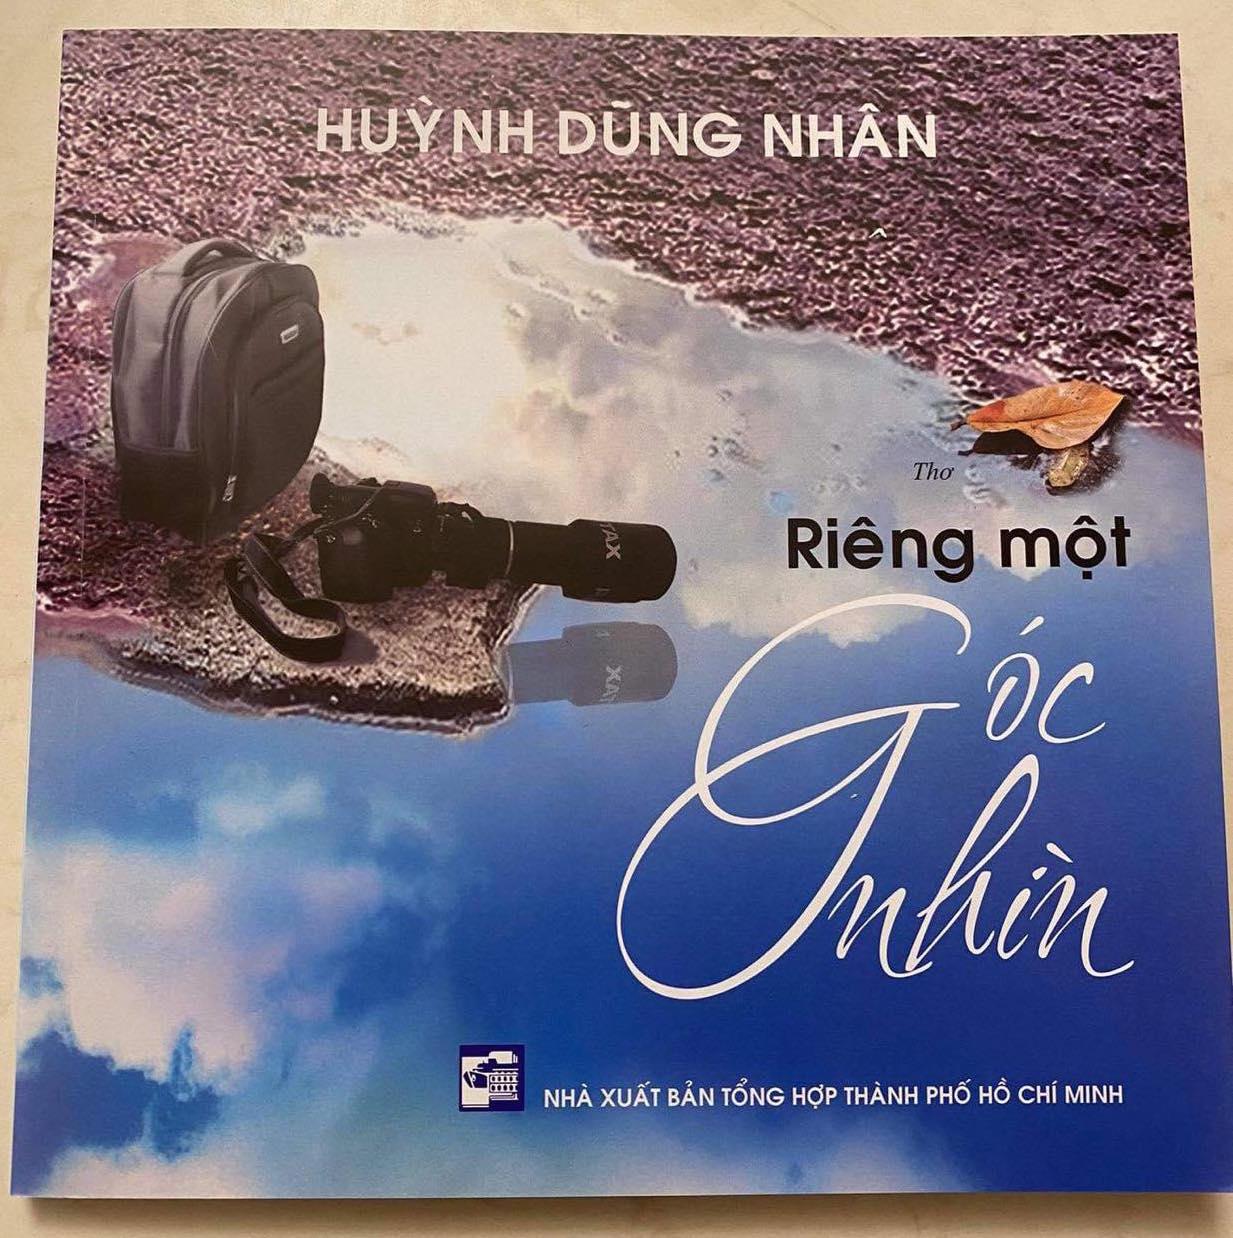 Tập thơ mới của nhà thơ, nhà báo Huỳnh Dũng Nhân.